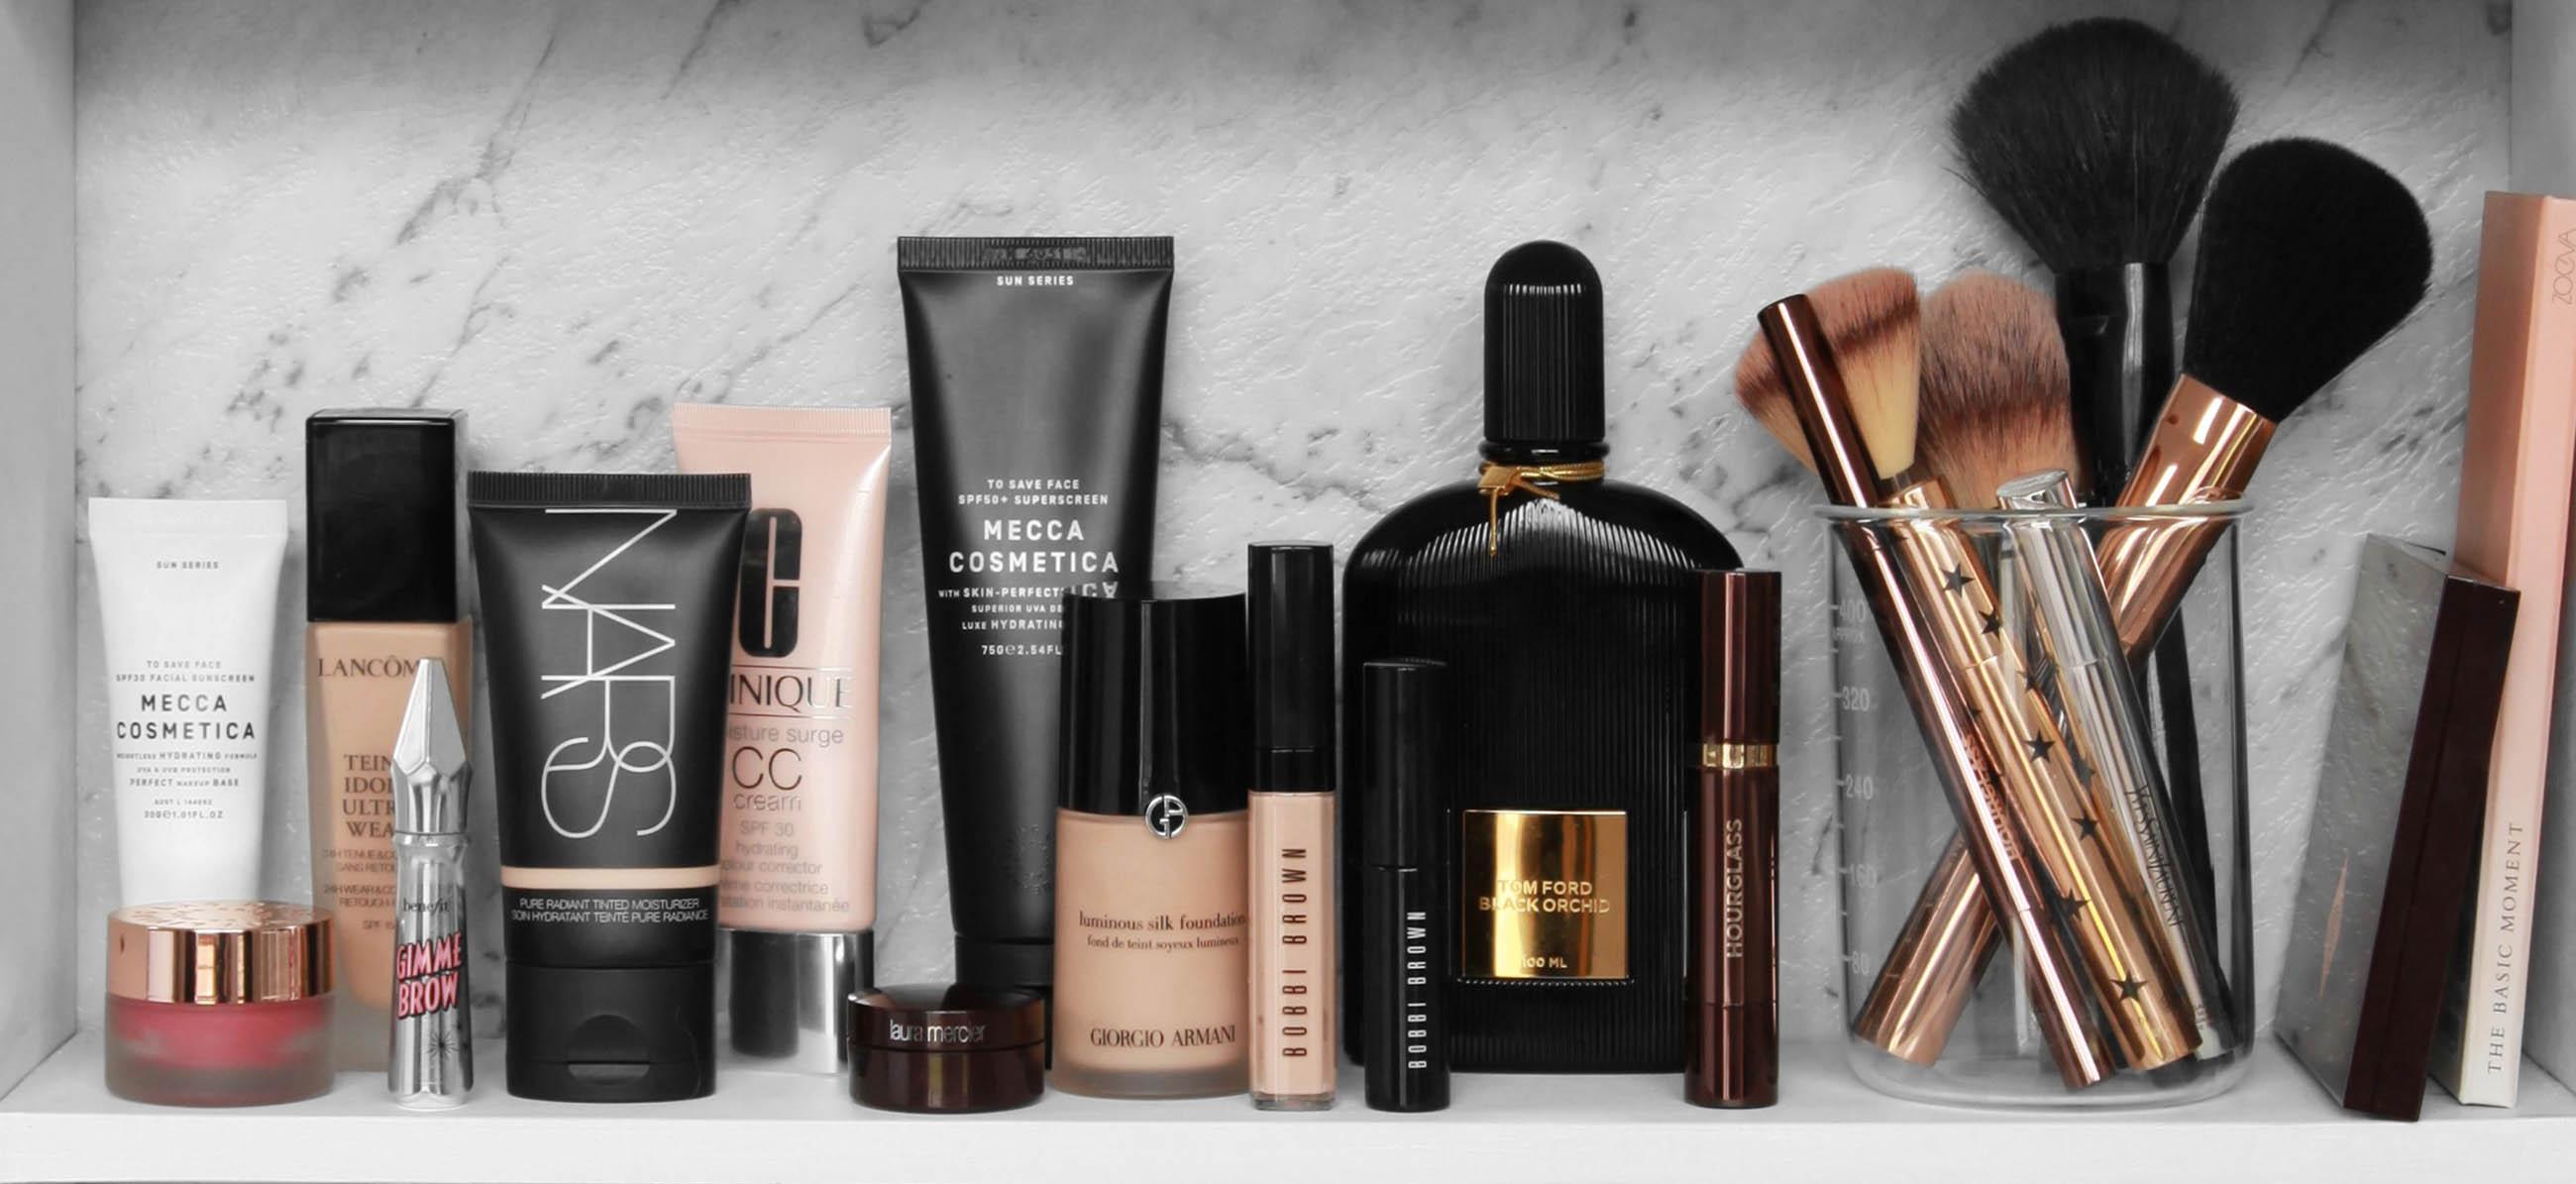 Makeup Shelfie Beauty Essentials - Design By Aikonik 4